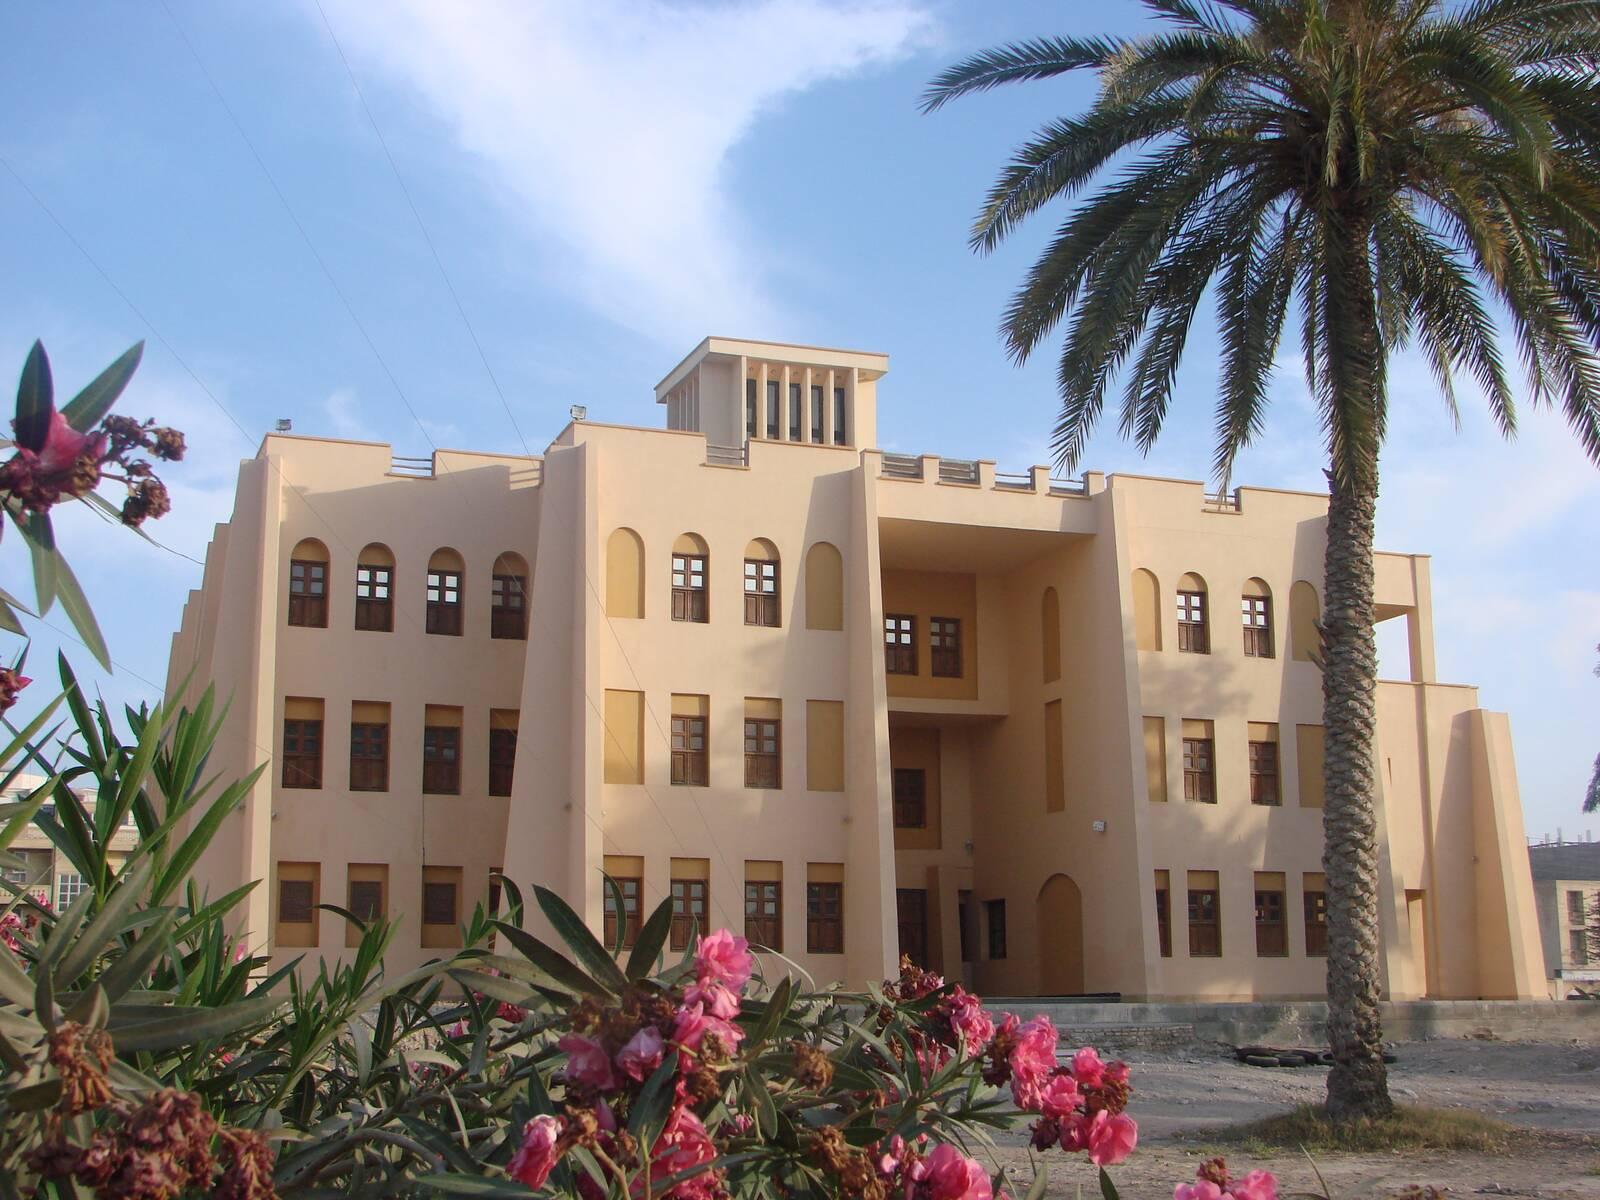 موزه آب و موزه مردمشناسی، گردشگری بندرعباس